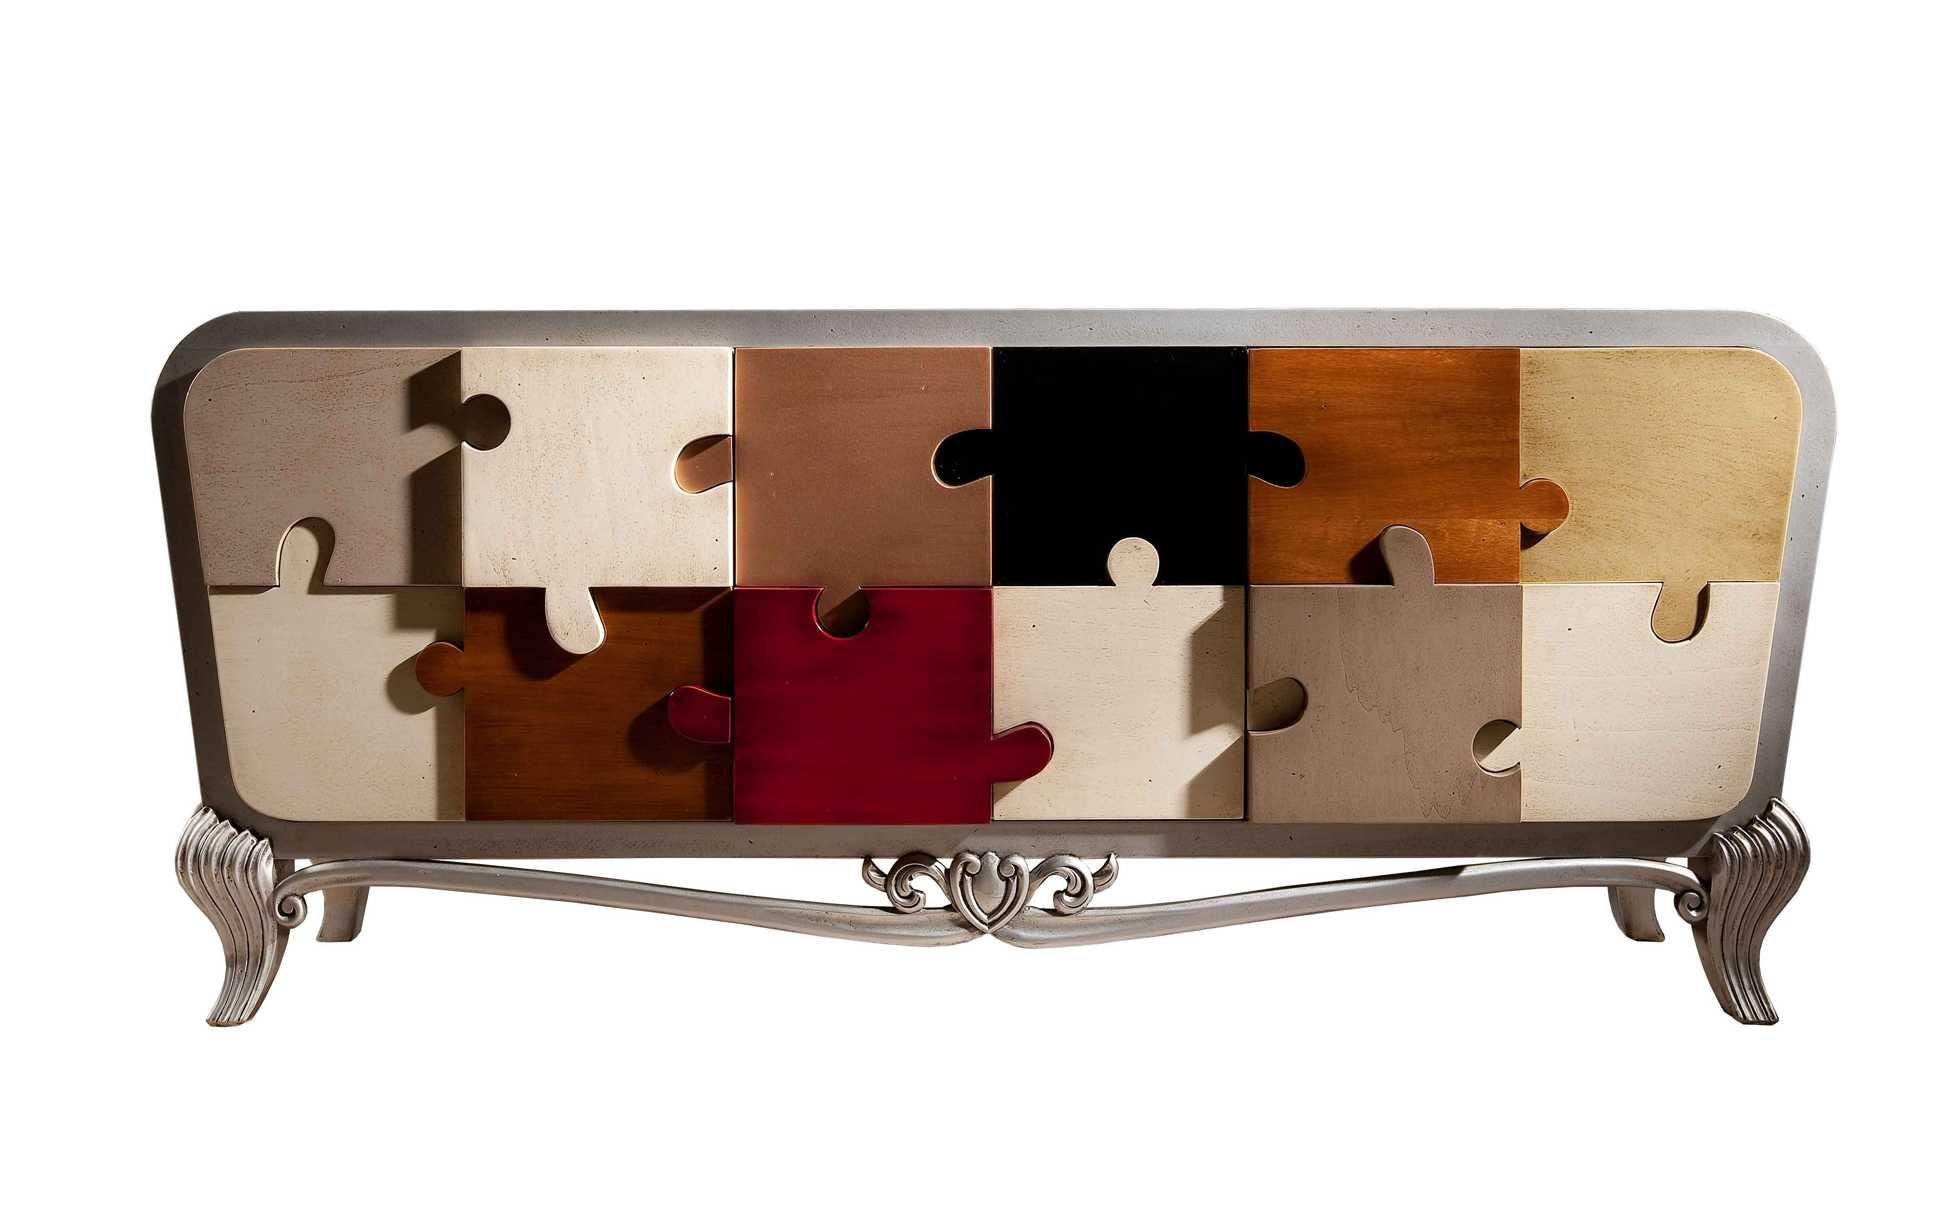 Lola glamour product sideboard puzle inspiration - Lola glamour ...